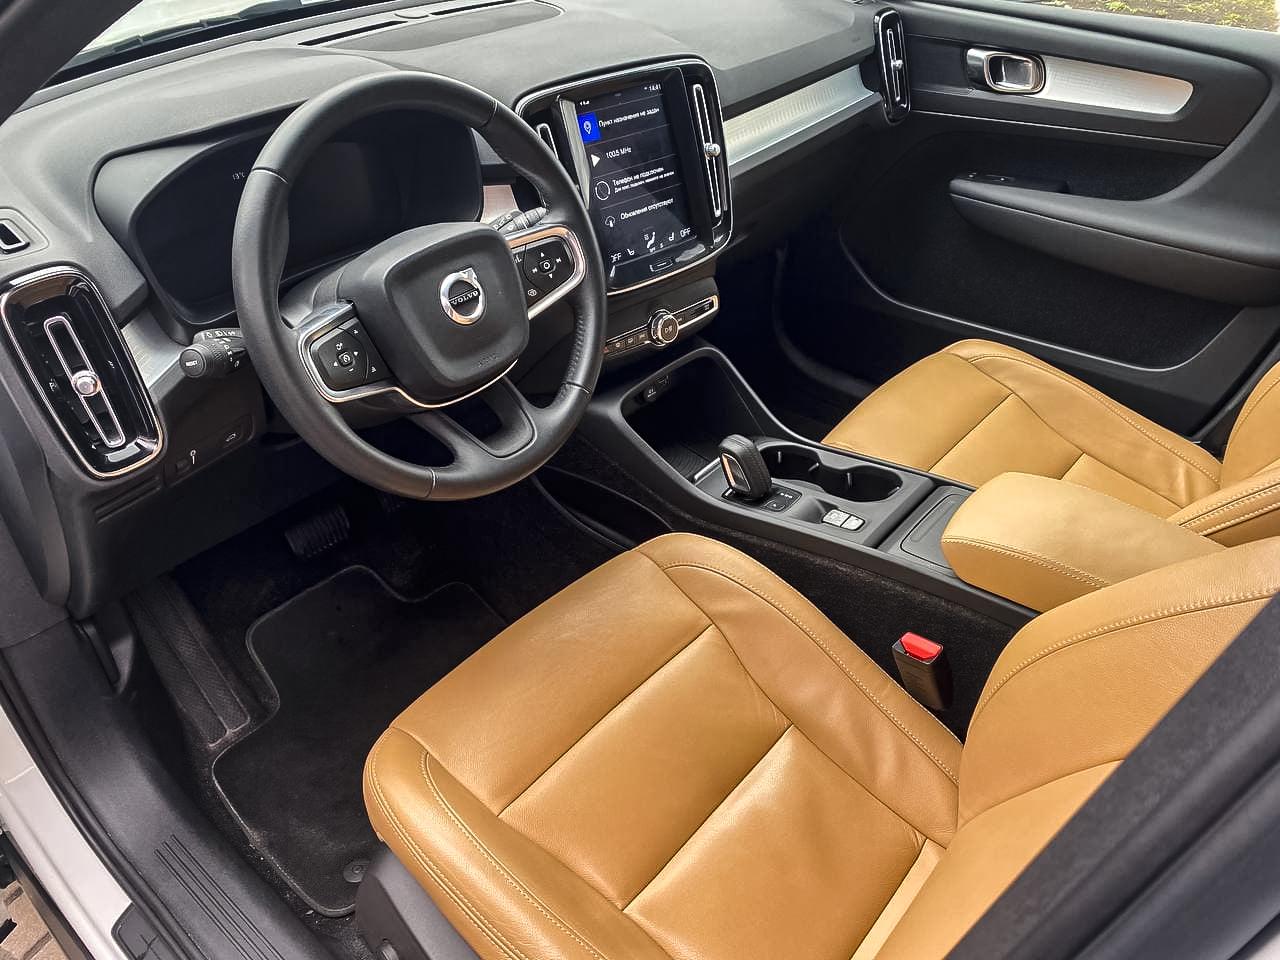 2018 Volvo XC40 | Vin: YV4162XZXK2010218